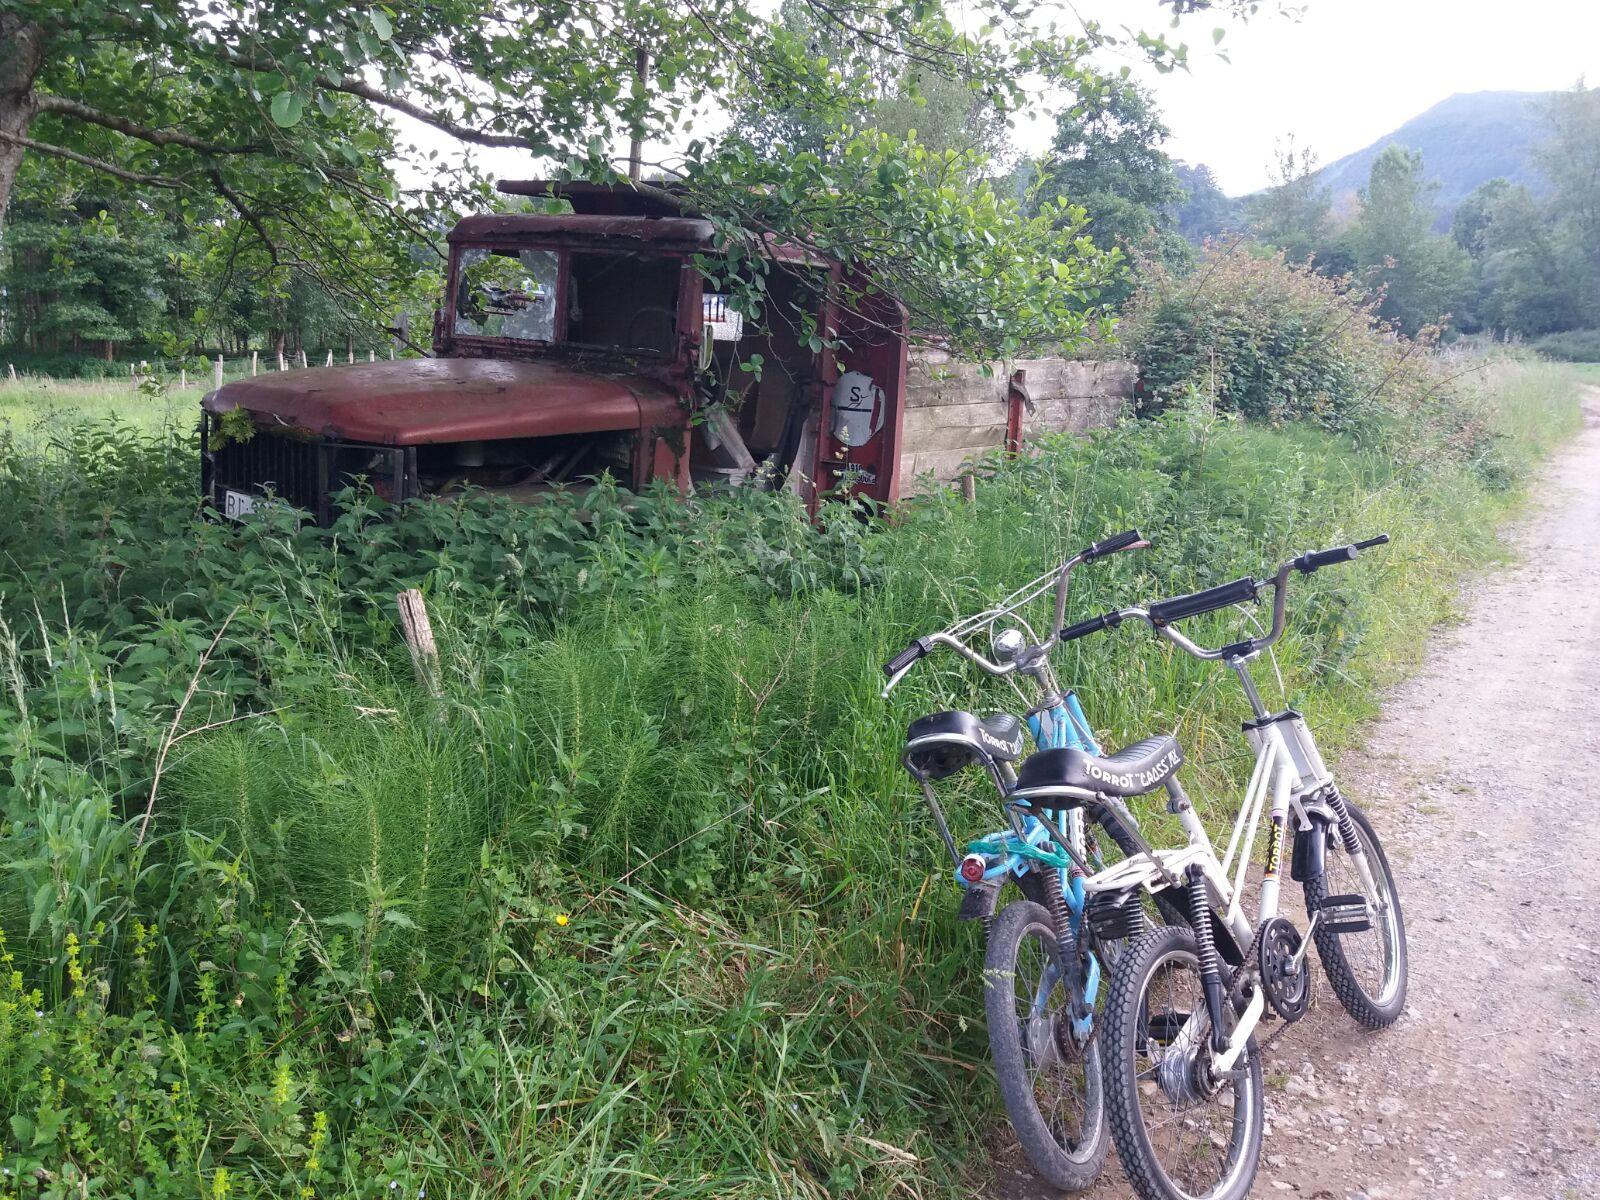 Fotografía de Joaquín Cantabria. Paisaje con dos bicicletas y un camión.